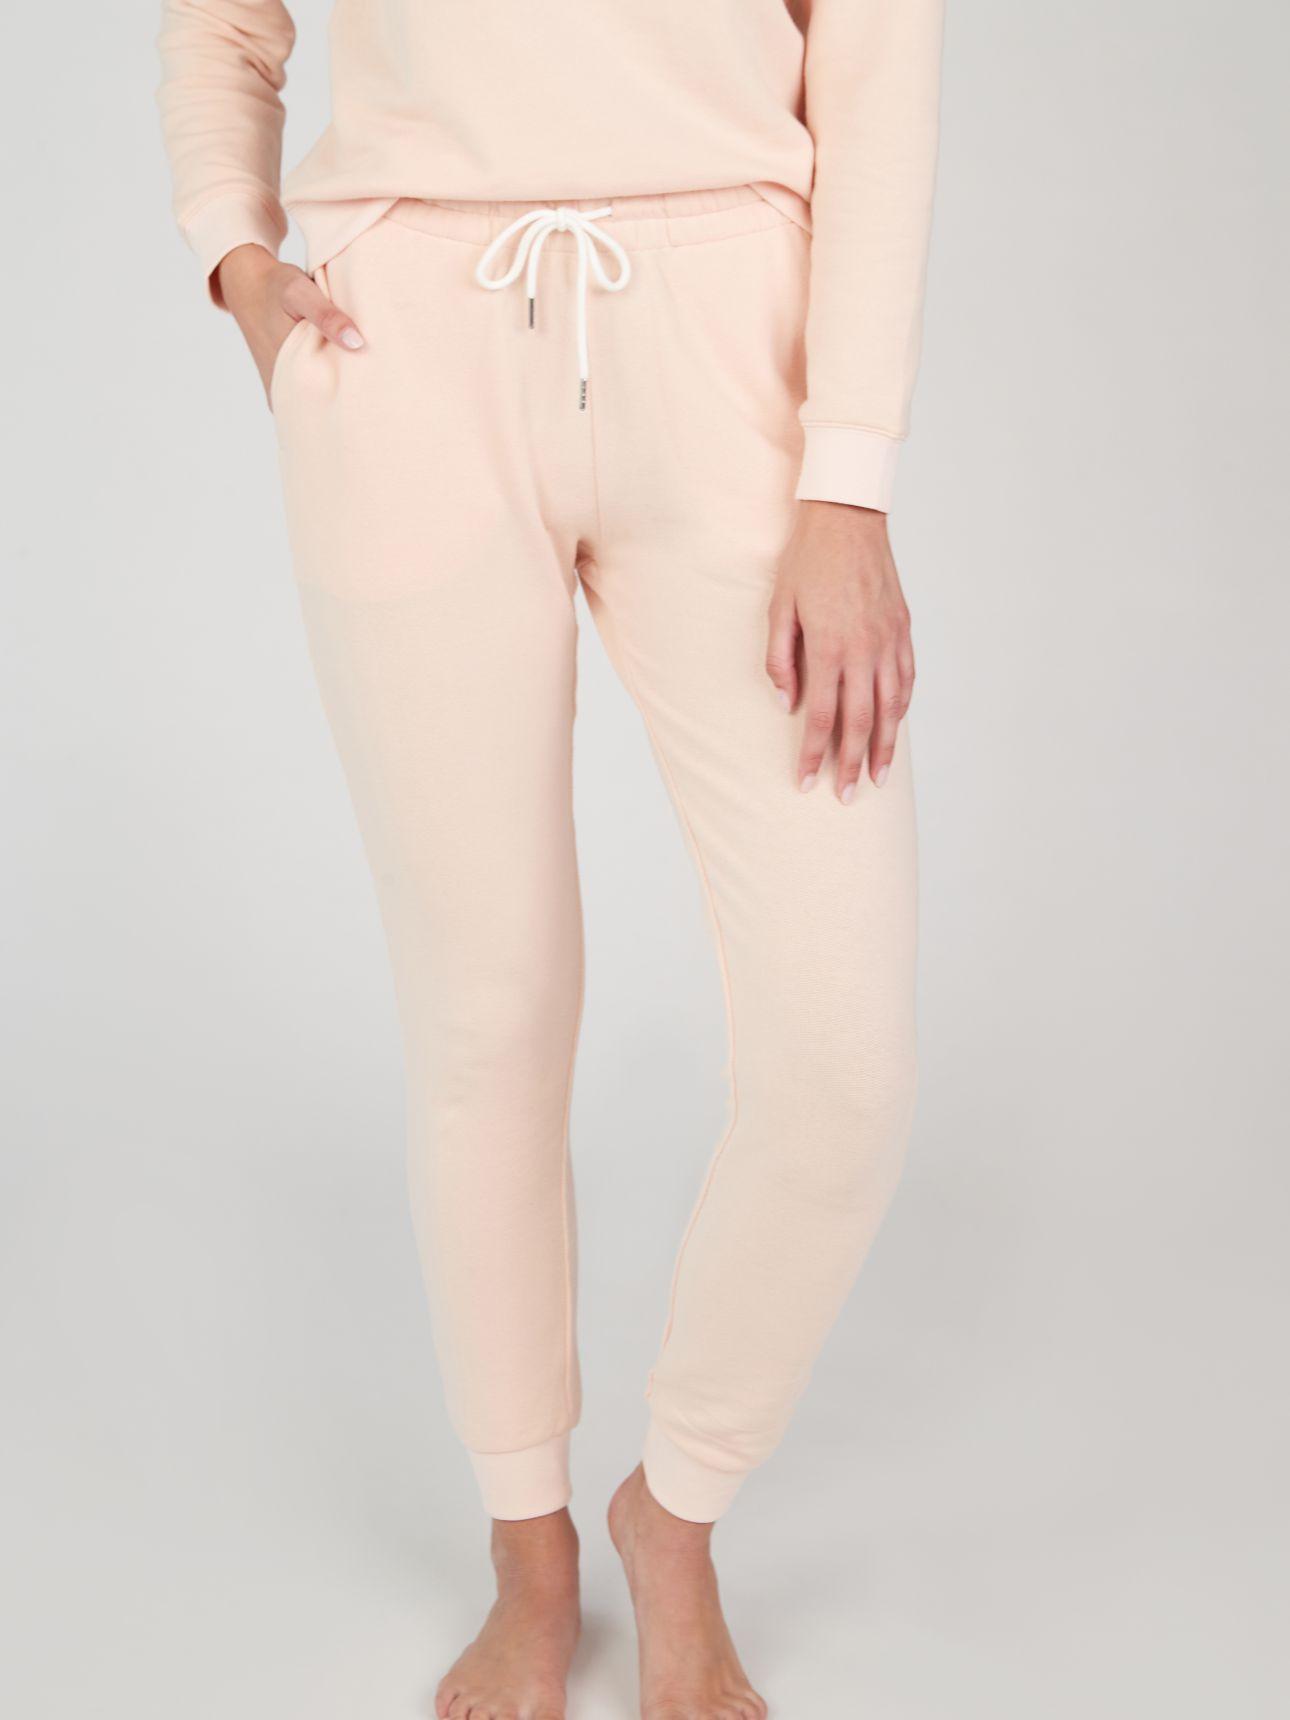 מכנסי פרנץ' טרי POLLY בצבע ורוד בהיר